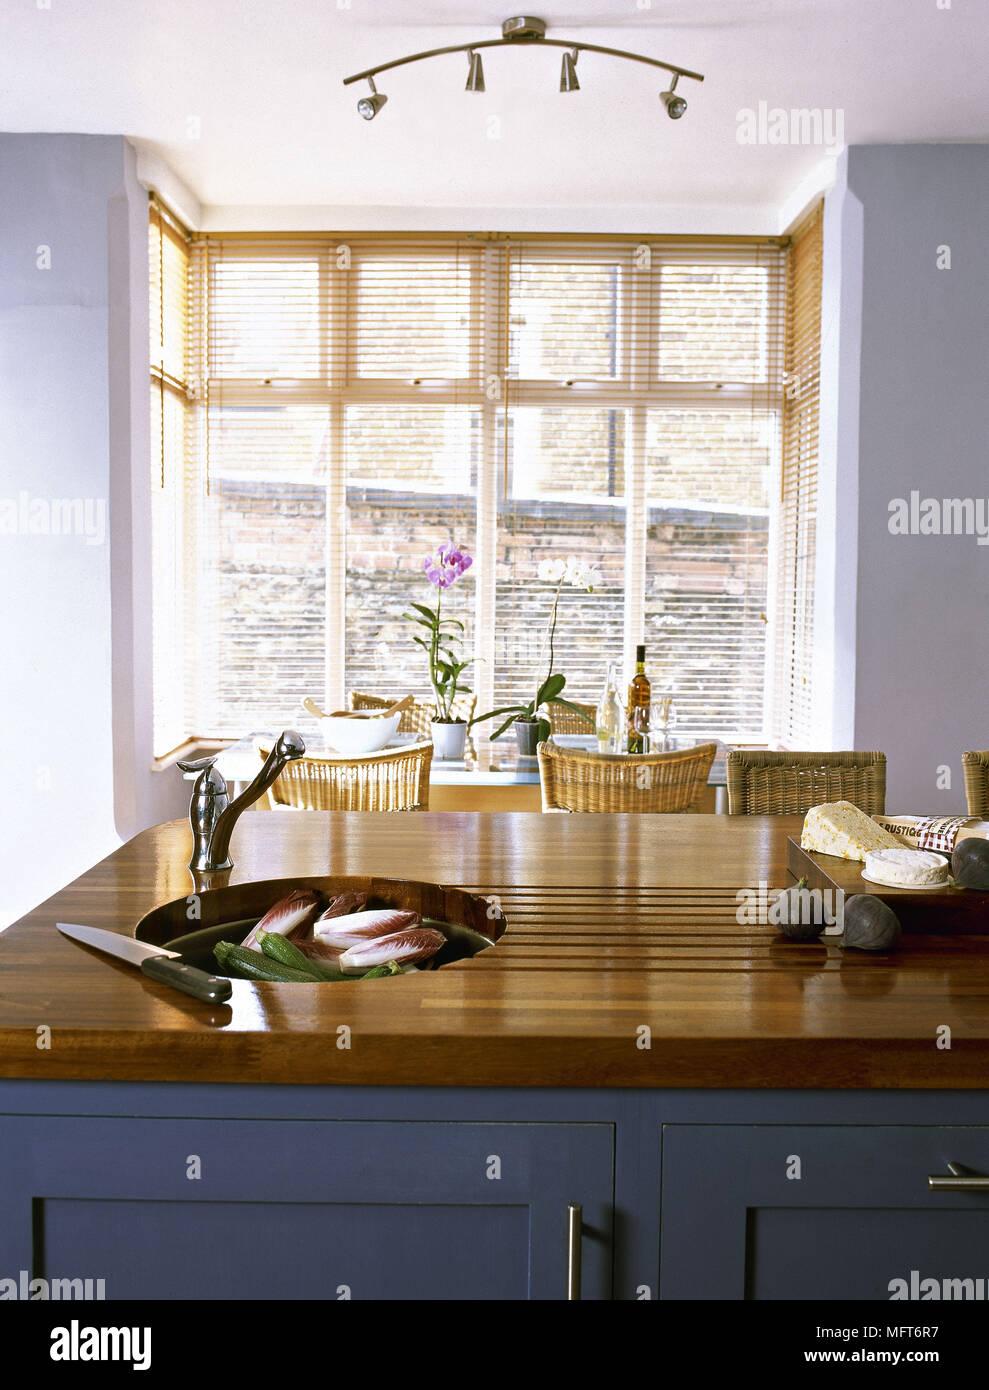 Tolle Freistehende Kücheninsel Einheiten Mit Sitz Bilder ...